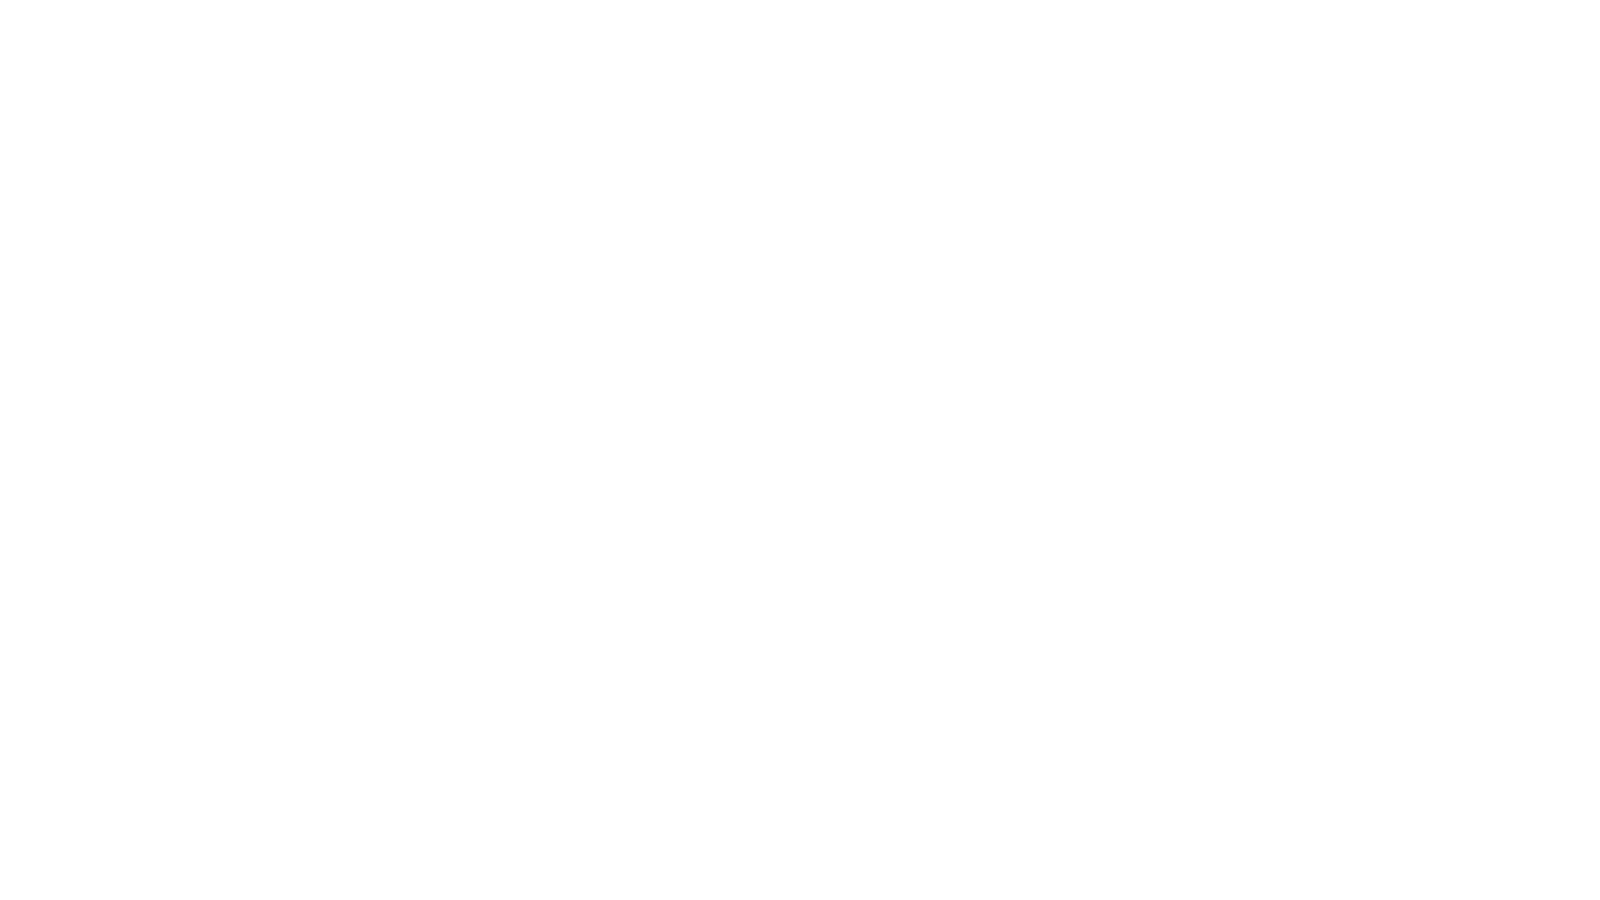 """In diesem Beitrag der digitalen Vortragsreihe des Fördervereins der Römisch-Germanischen Kommission des DAI """"Freunde der Archäologie in Europa"""" nutzt Dr. Sandra Schröer von der RGK GIS-gestützte Raumanalysen, um den Verlauf der römischen Binnengrenze zwischen den Provinzen Rätien und Obergermanien zu rekonstruieren."""